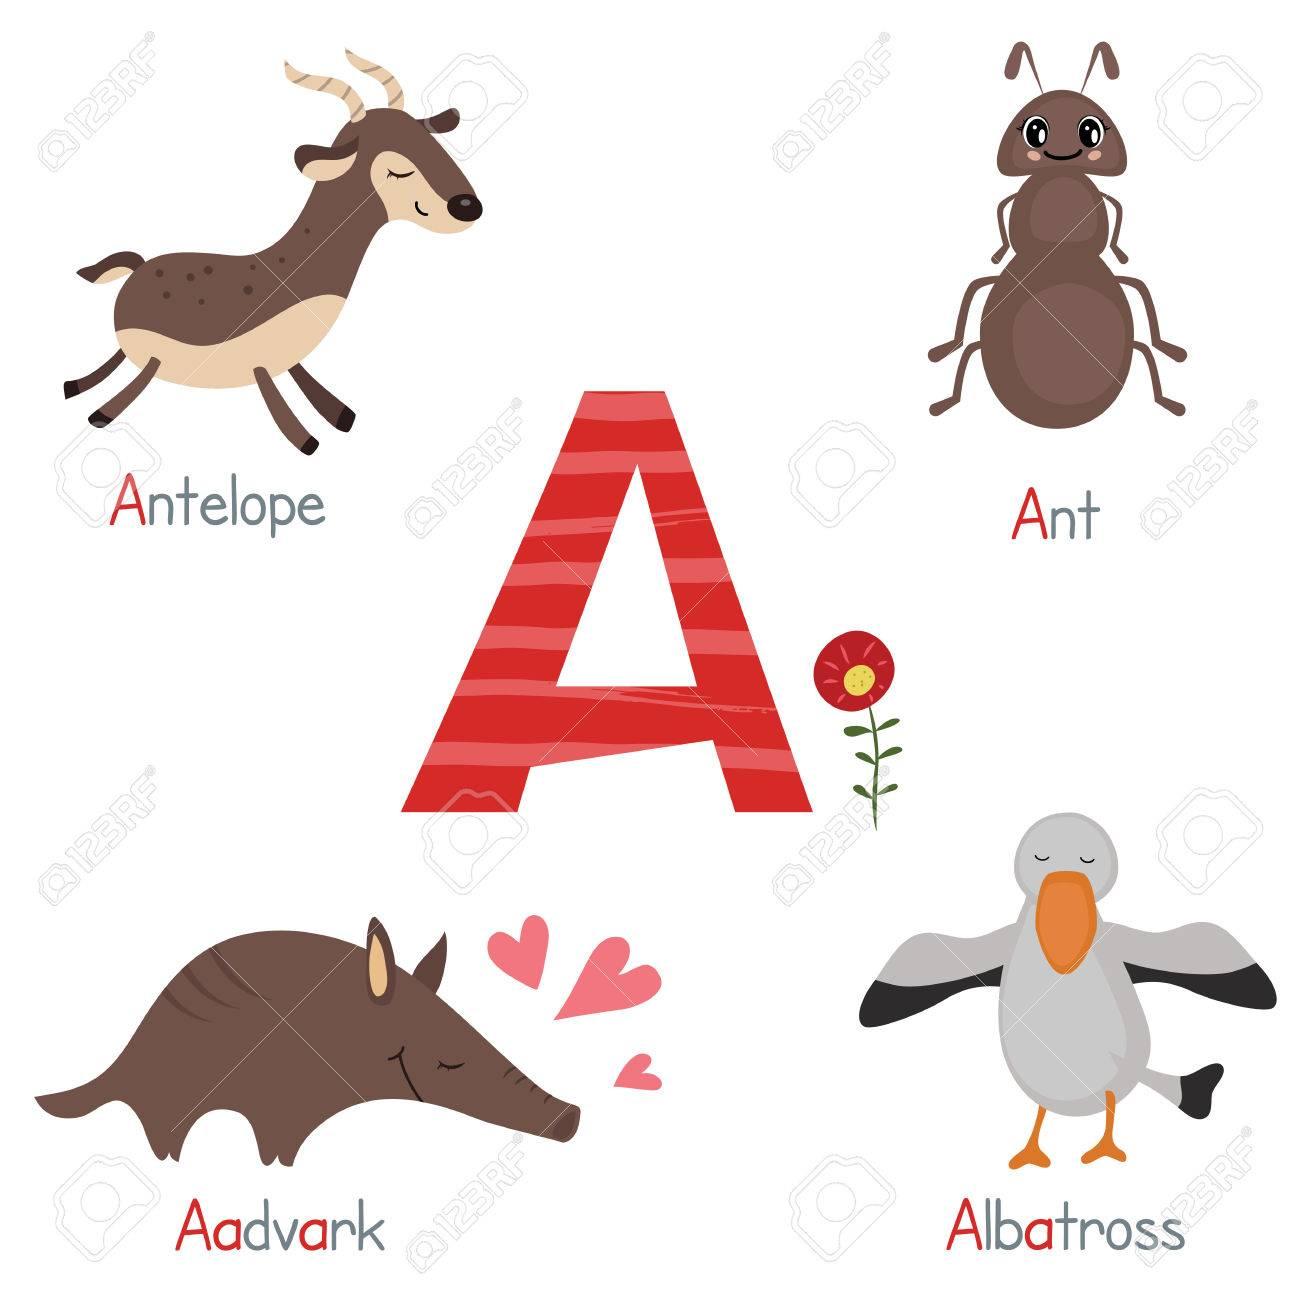 かわいい動物園 カモシカポスター イラスト素材 アルファベット 素材 猫